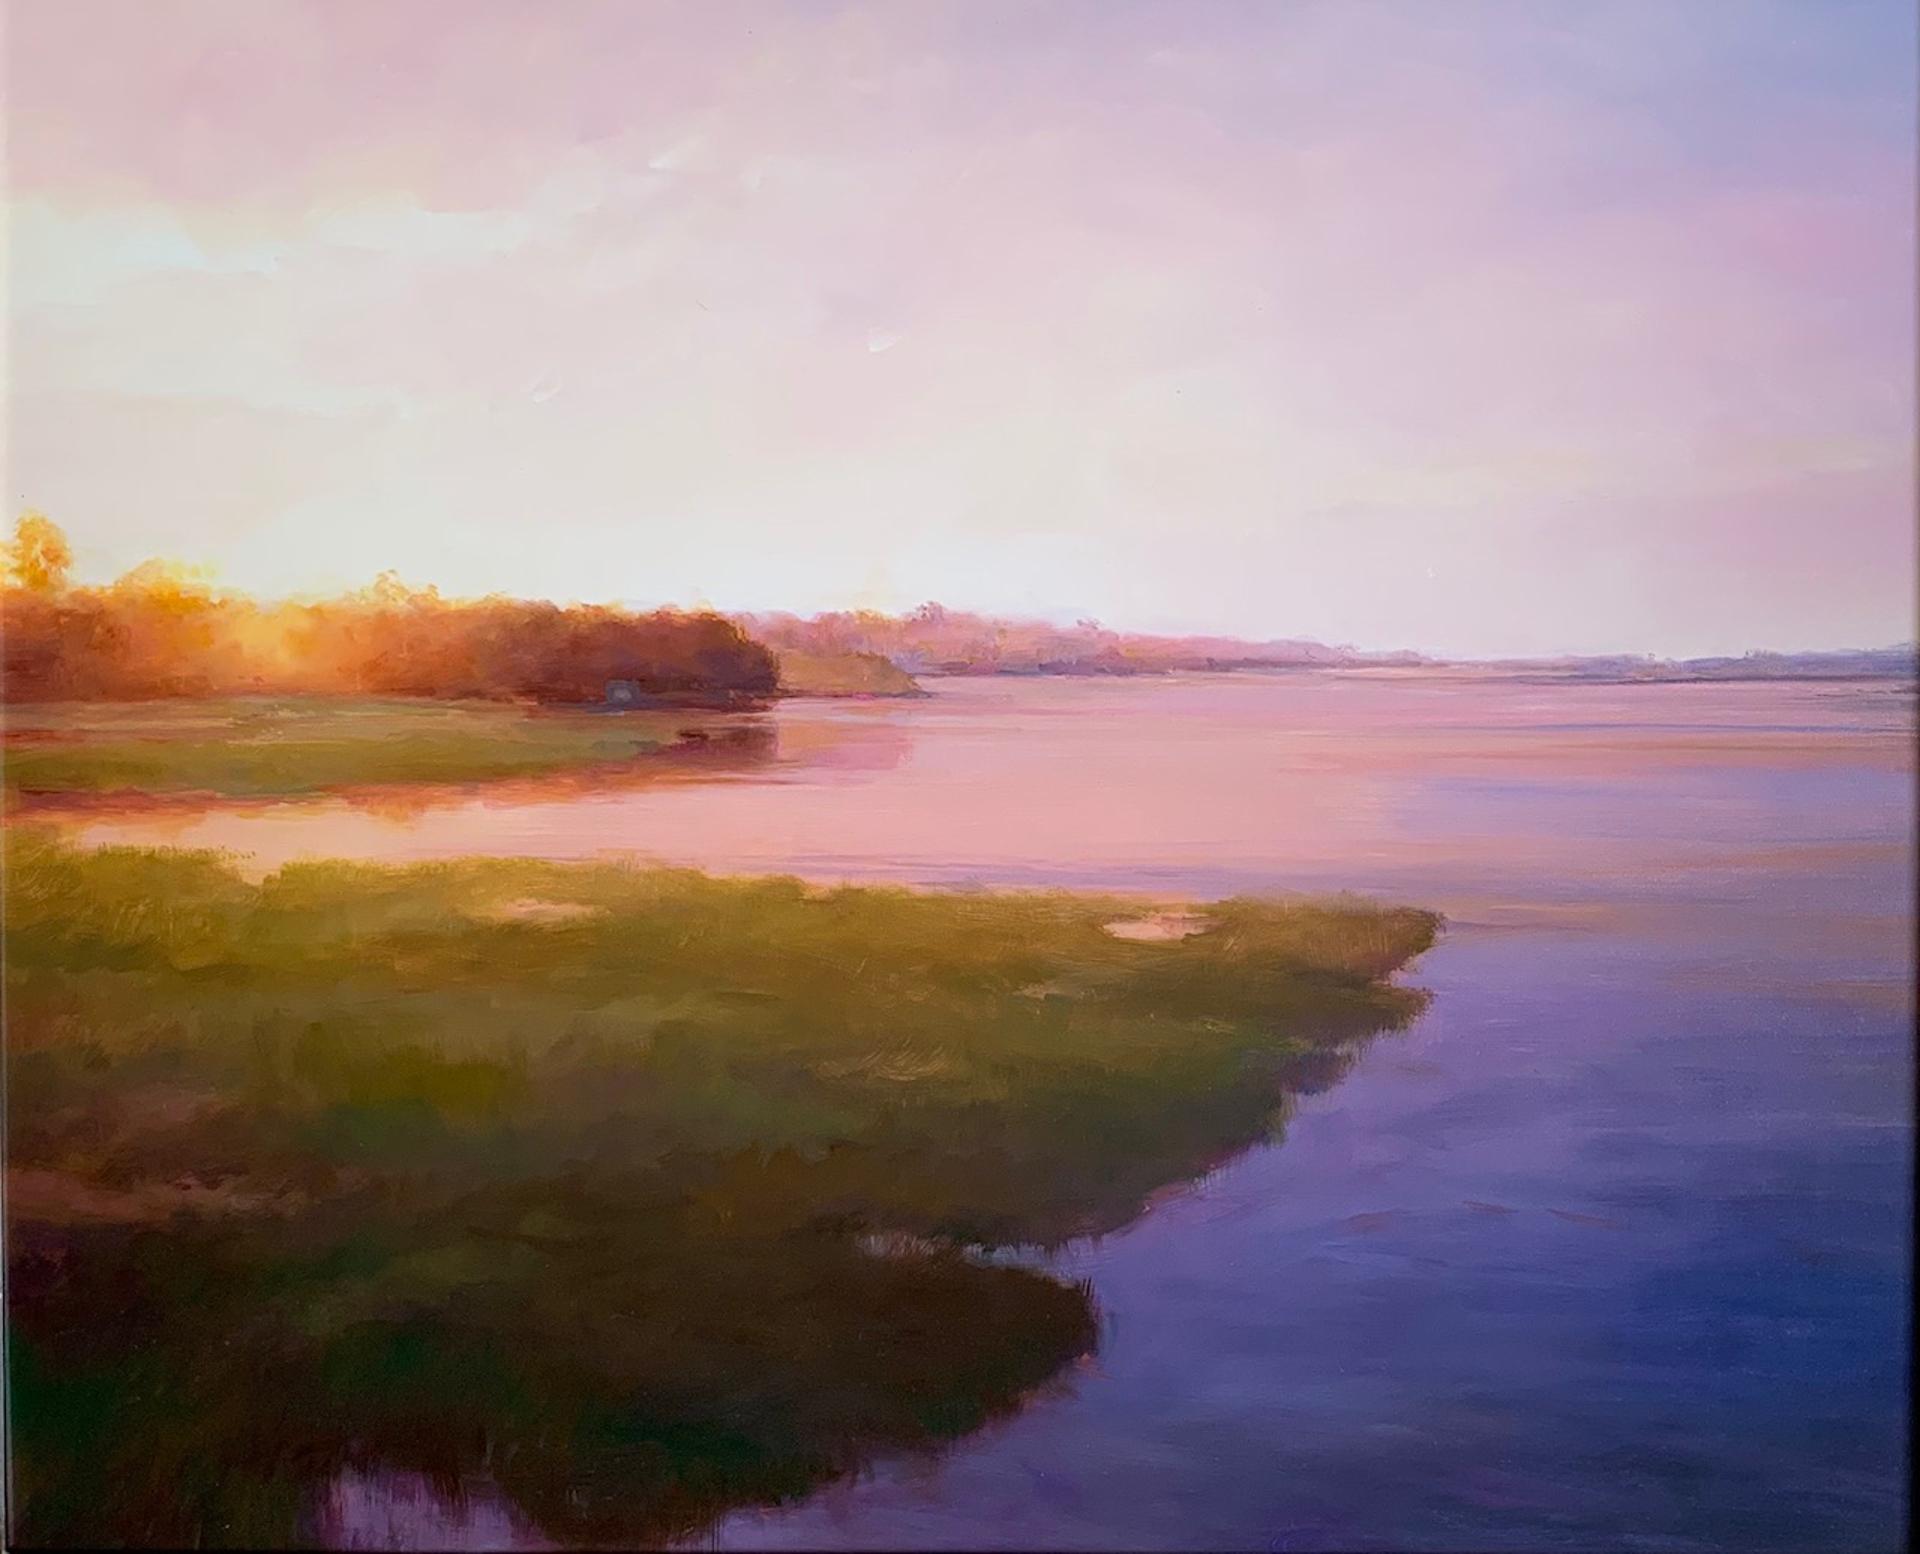 Dusk to Dawn by Arnold Desmarais